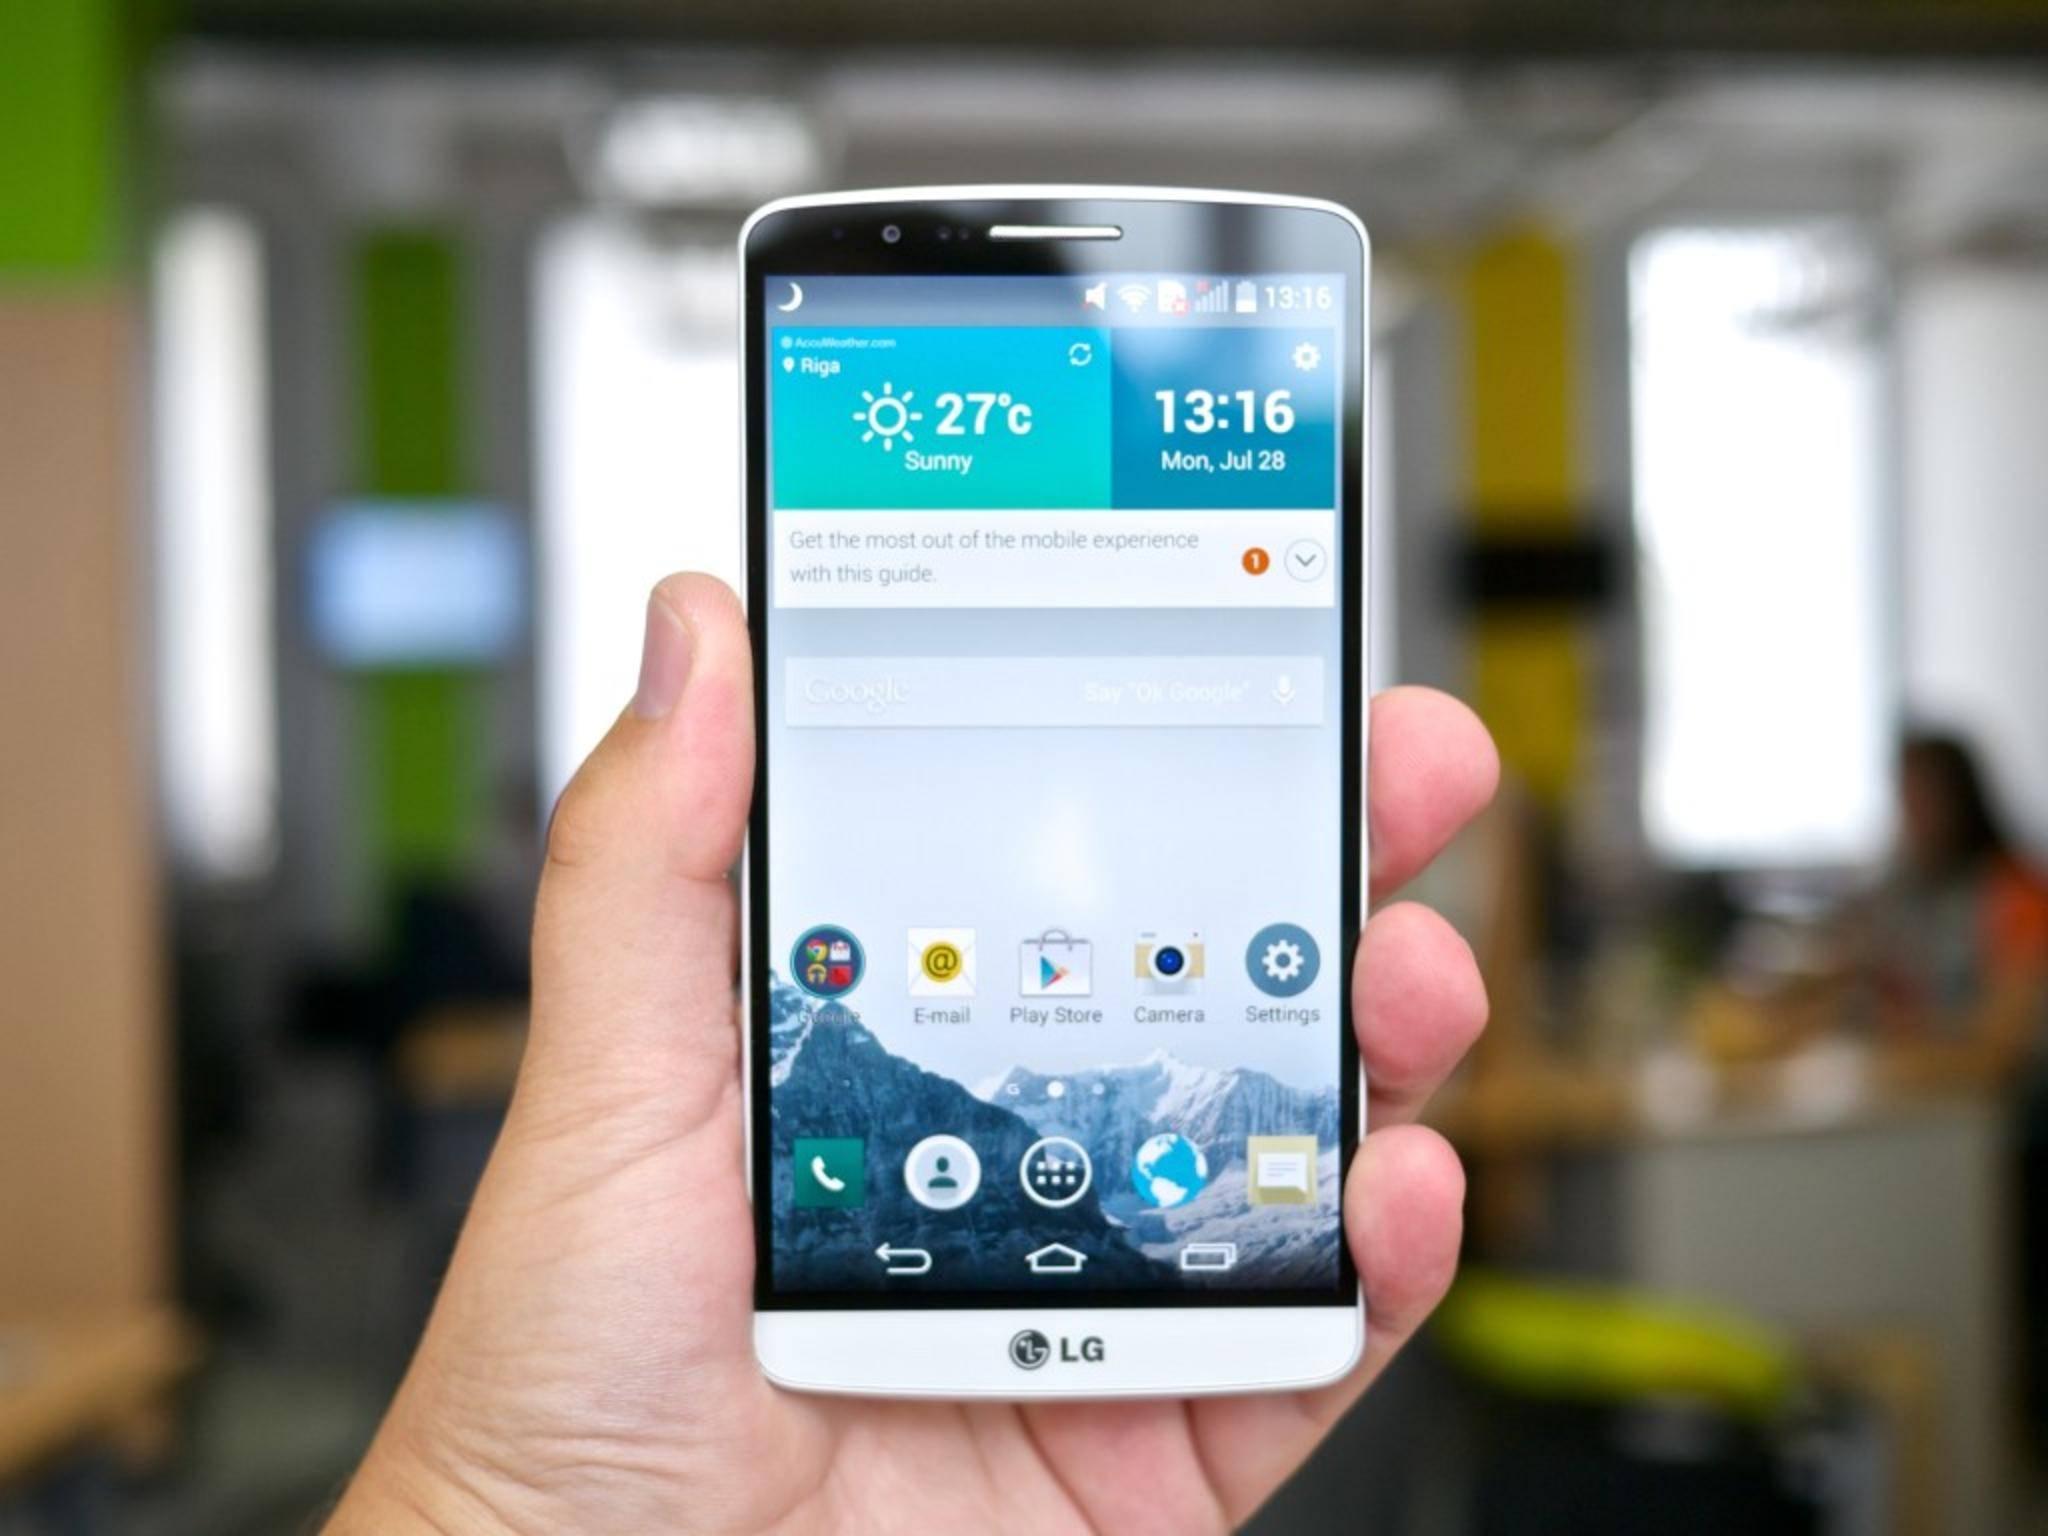 Das LG G4 könnte etwas kleiner werden als das aktuelle LG G3.